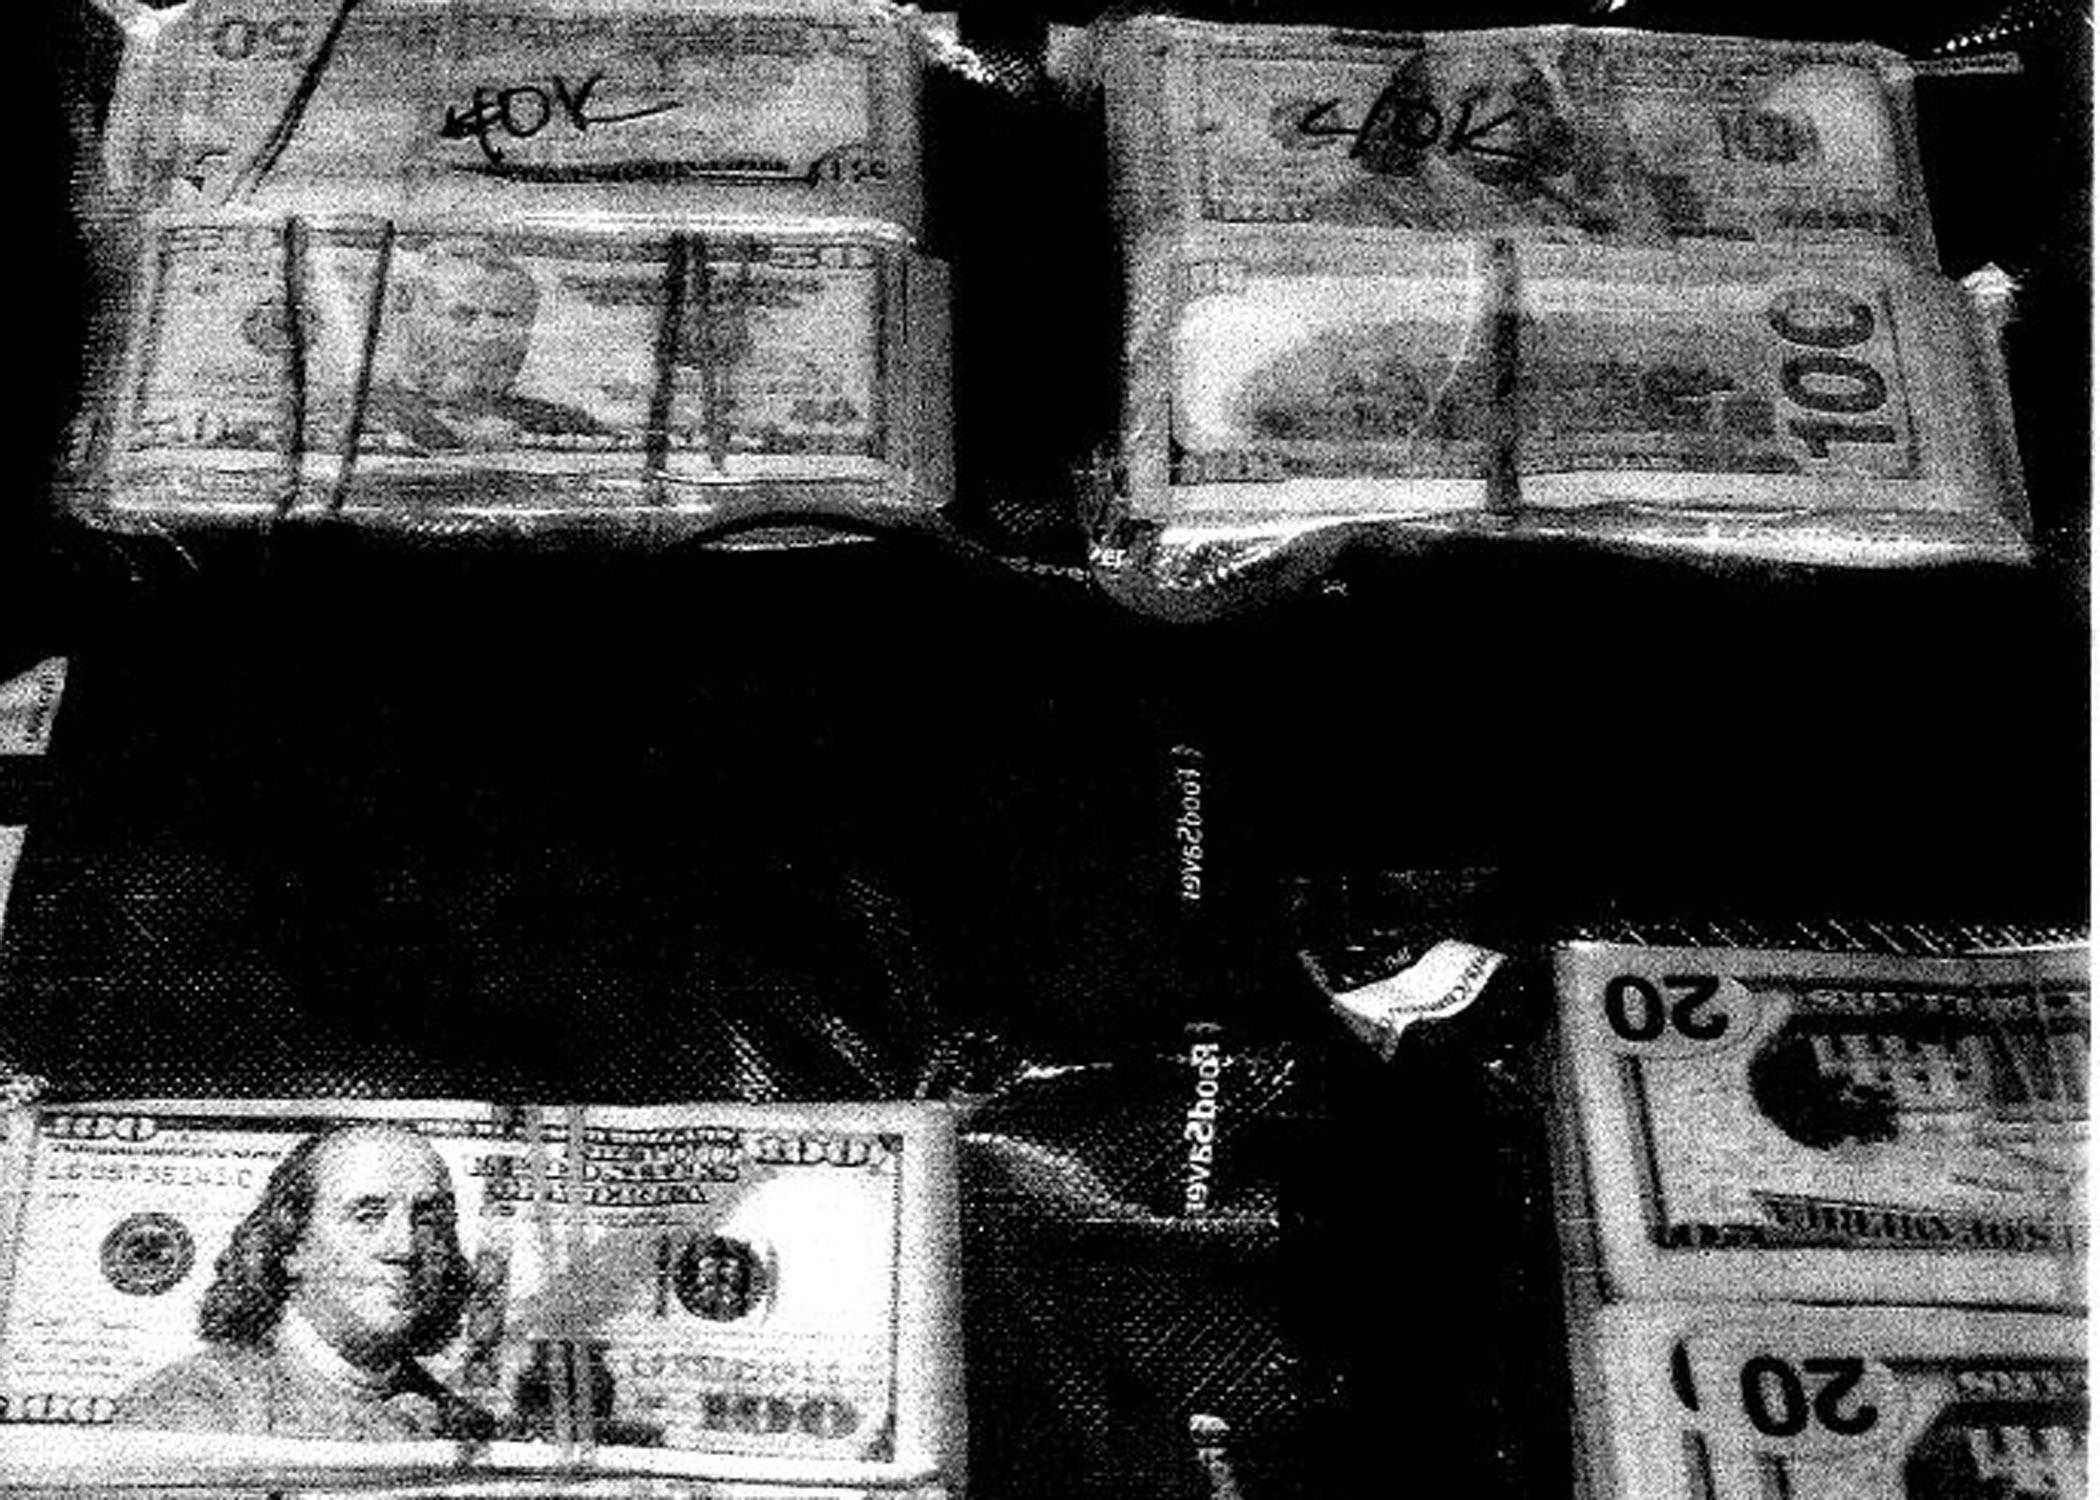 Few Kentucky Police Share Asset Forfeiture Details